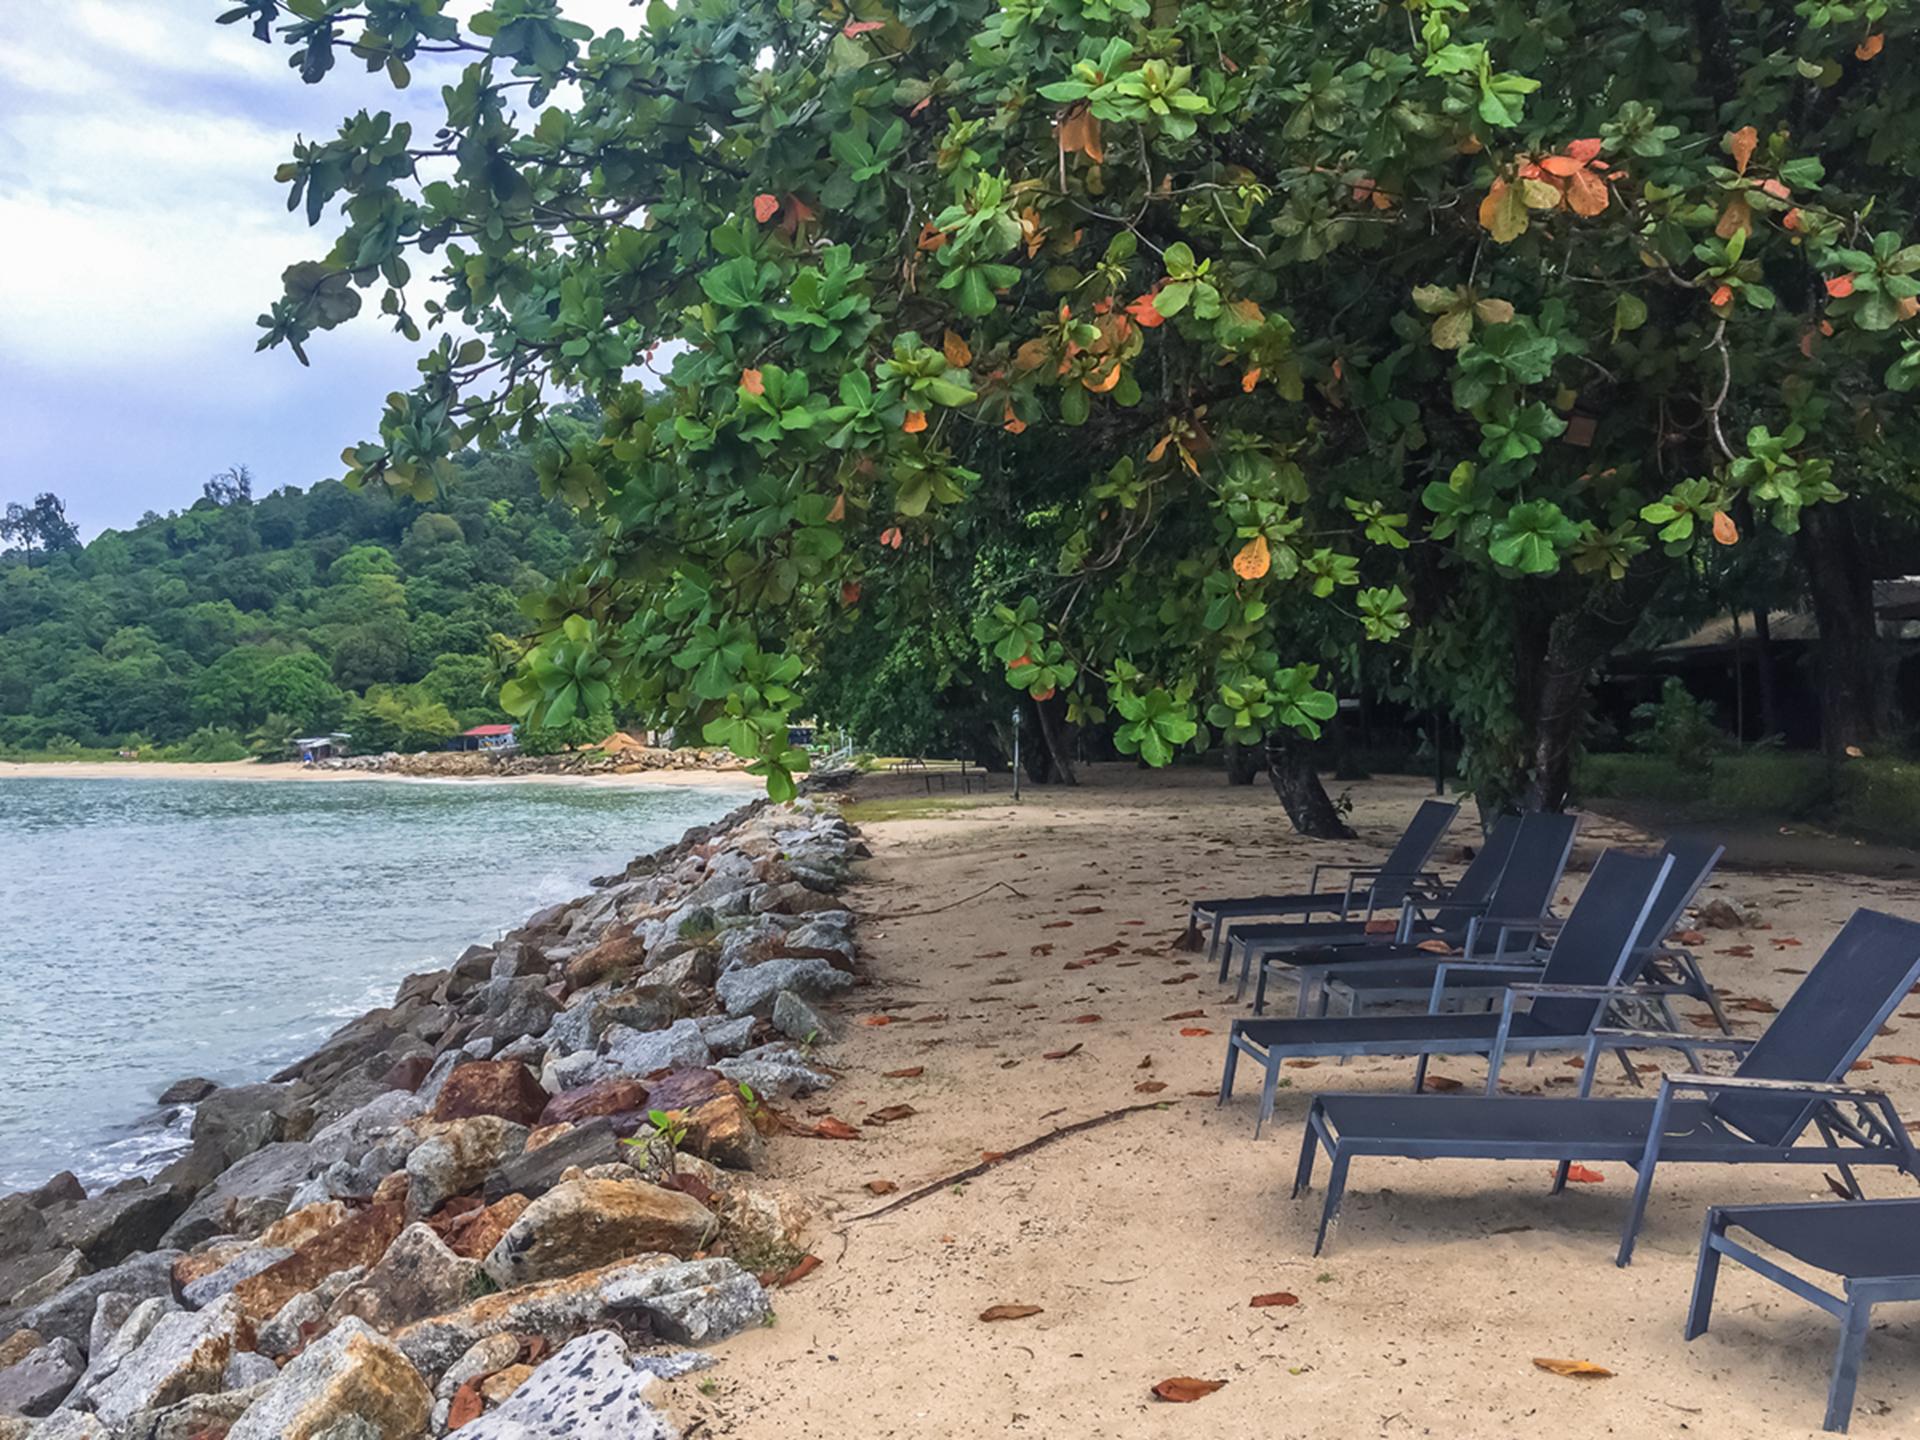 沙滩椅子.jpg